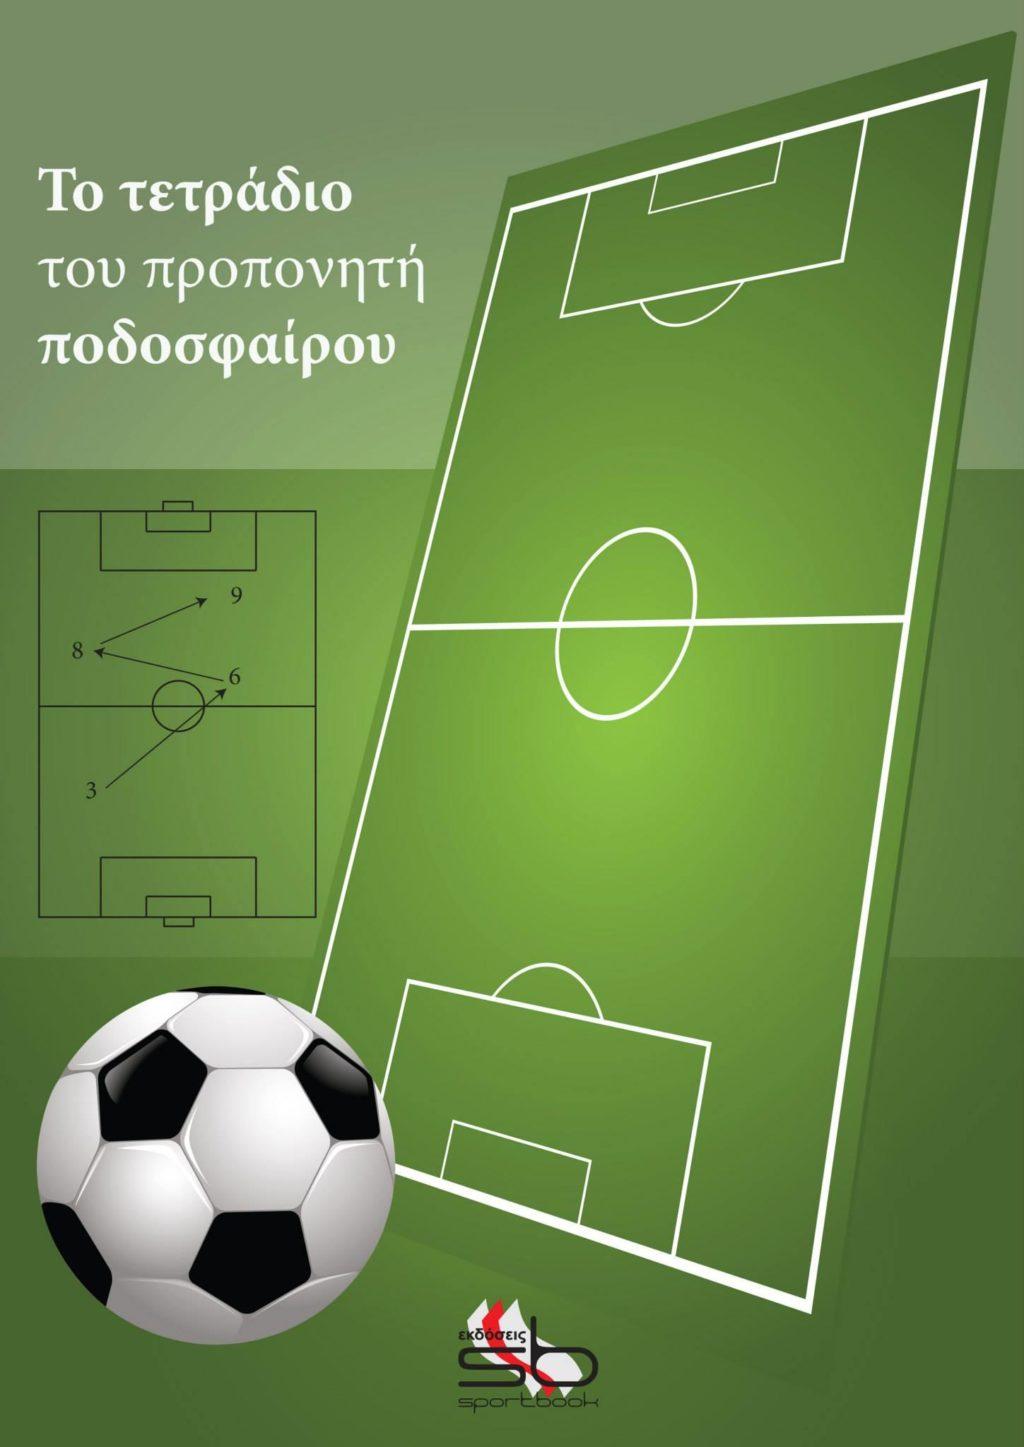 ΤΟ ΤΕΤΡΑΔΙΟ ΤΟΥ ΠΡΟΠΟΝΗΤΗ ΠΟΔΟΣΦΑΙΡΟΥ νο1. Αθλήματα - Ποδόσφαιρο - Τακτική - Τεχνική